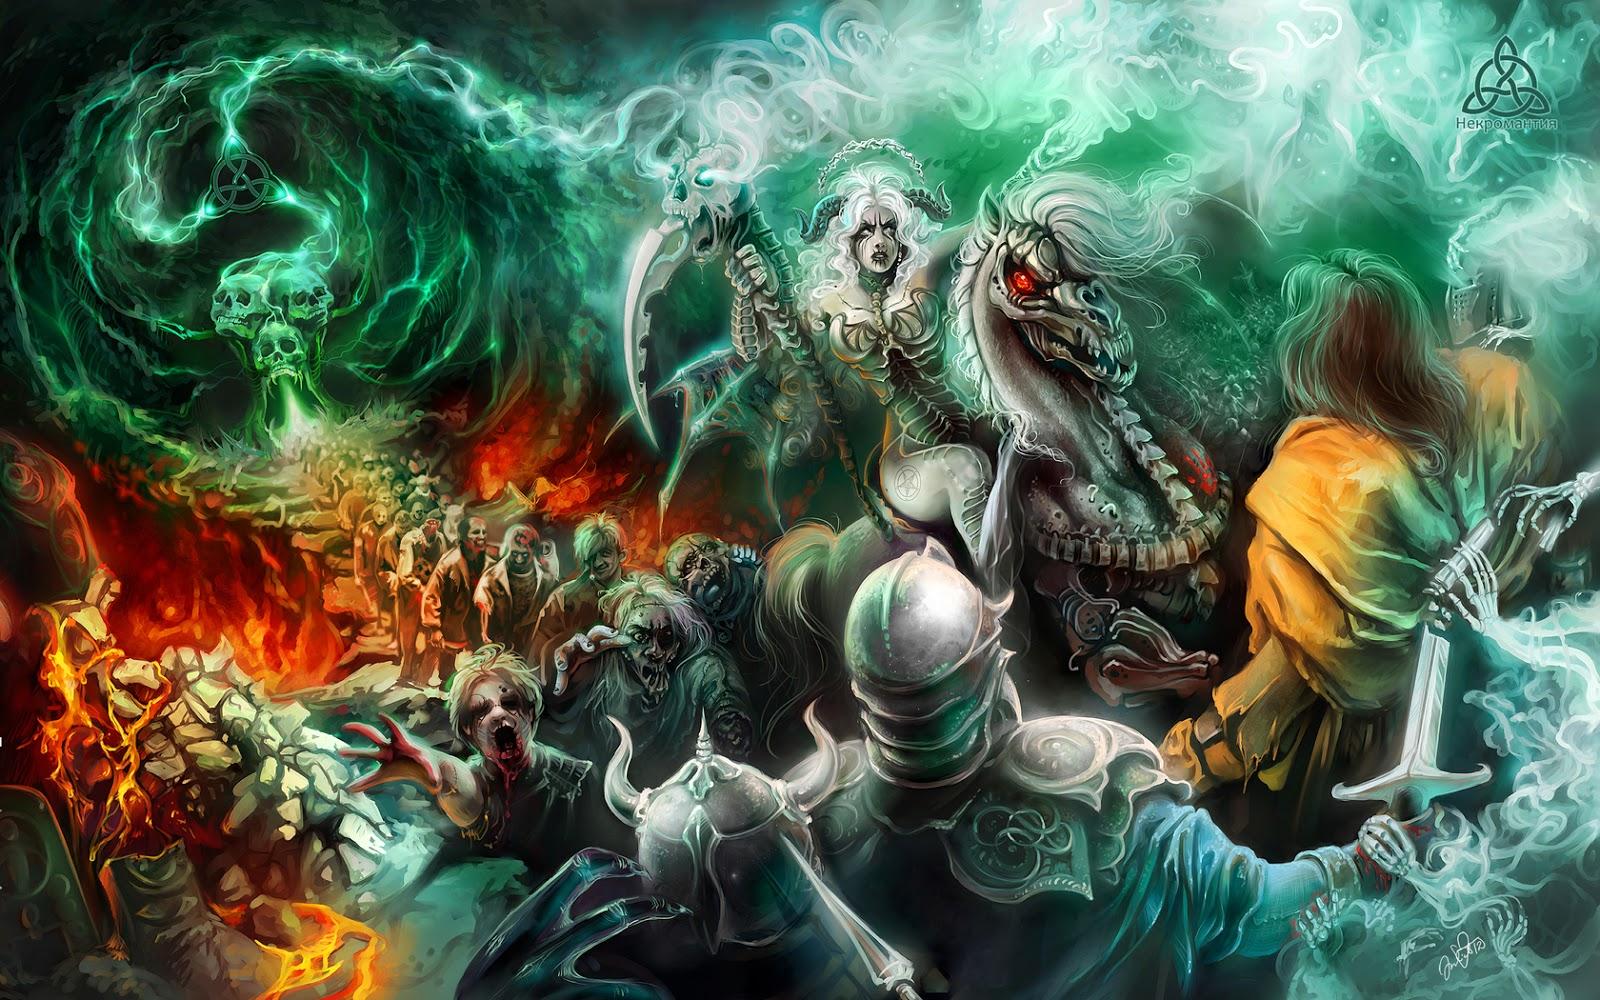 Fantasy War Medieval Wallpaper Hd